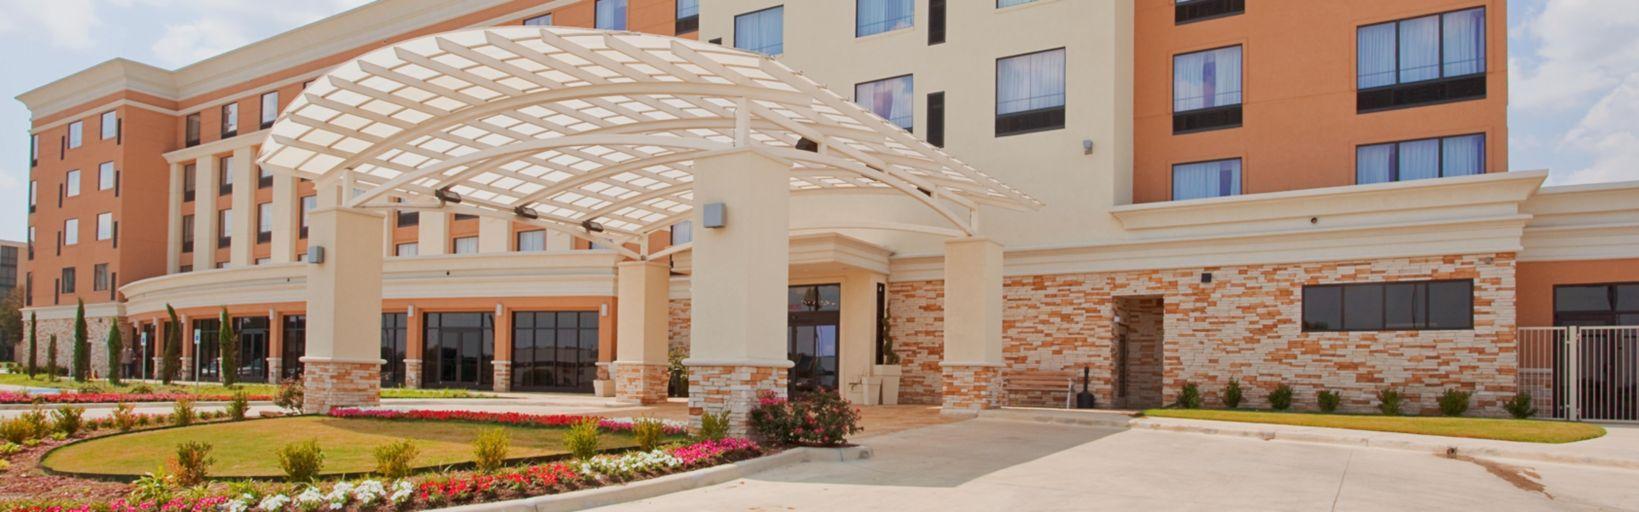 Holiday Inn Fort Worth North-Fossil Creek Hotel by IHG